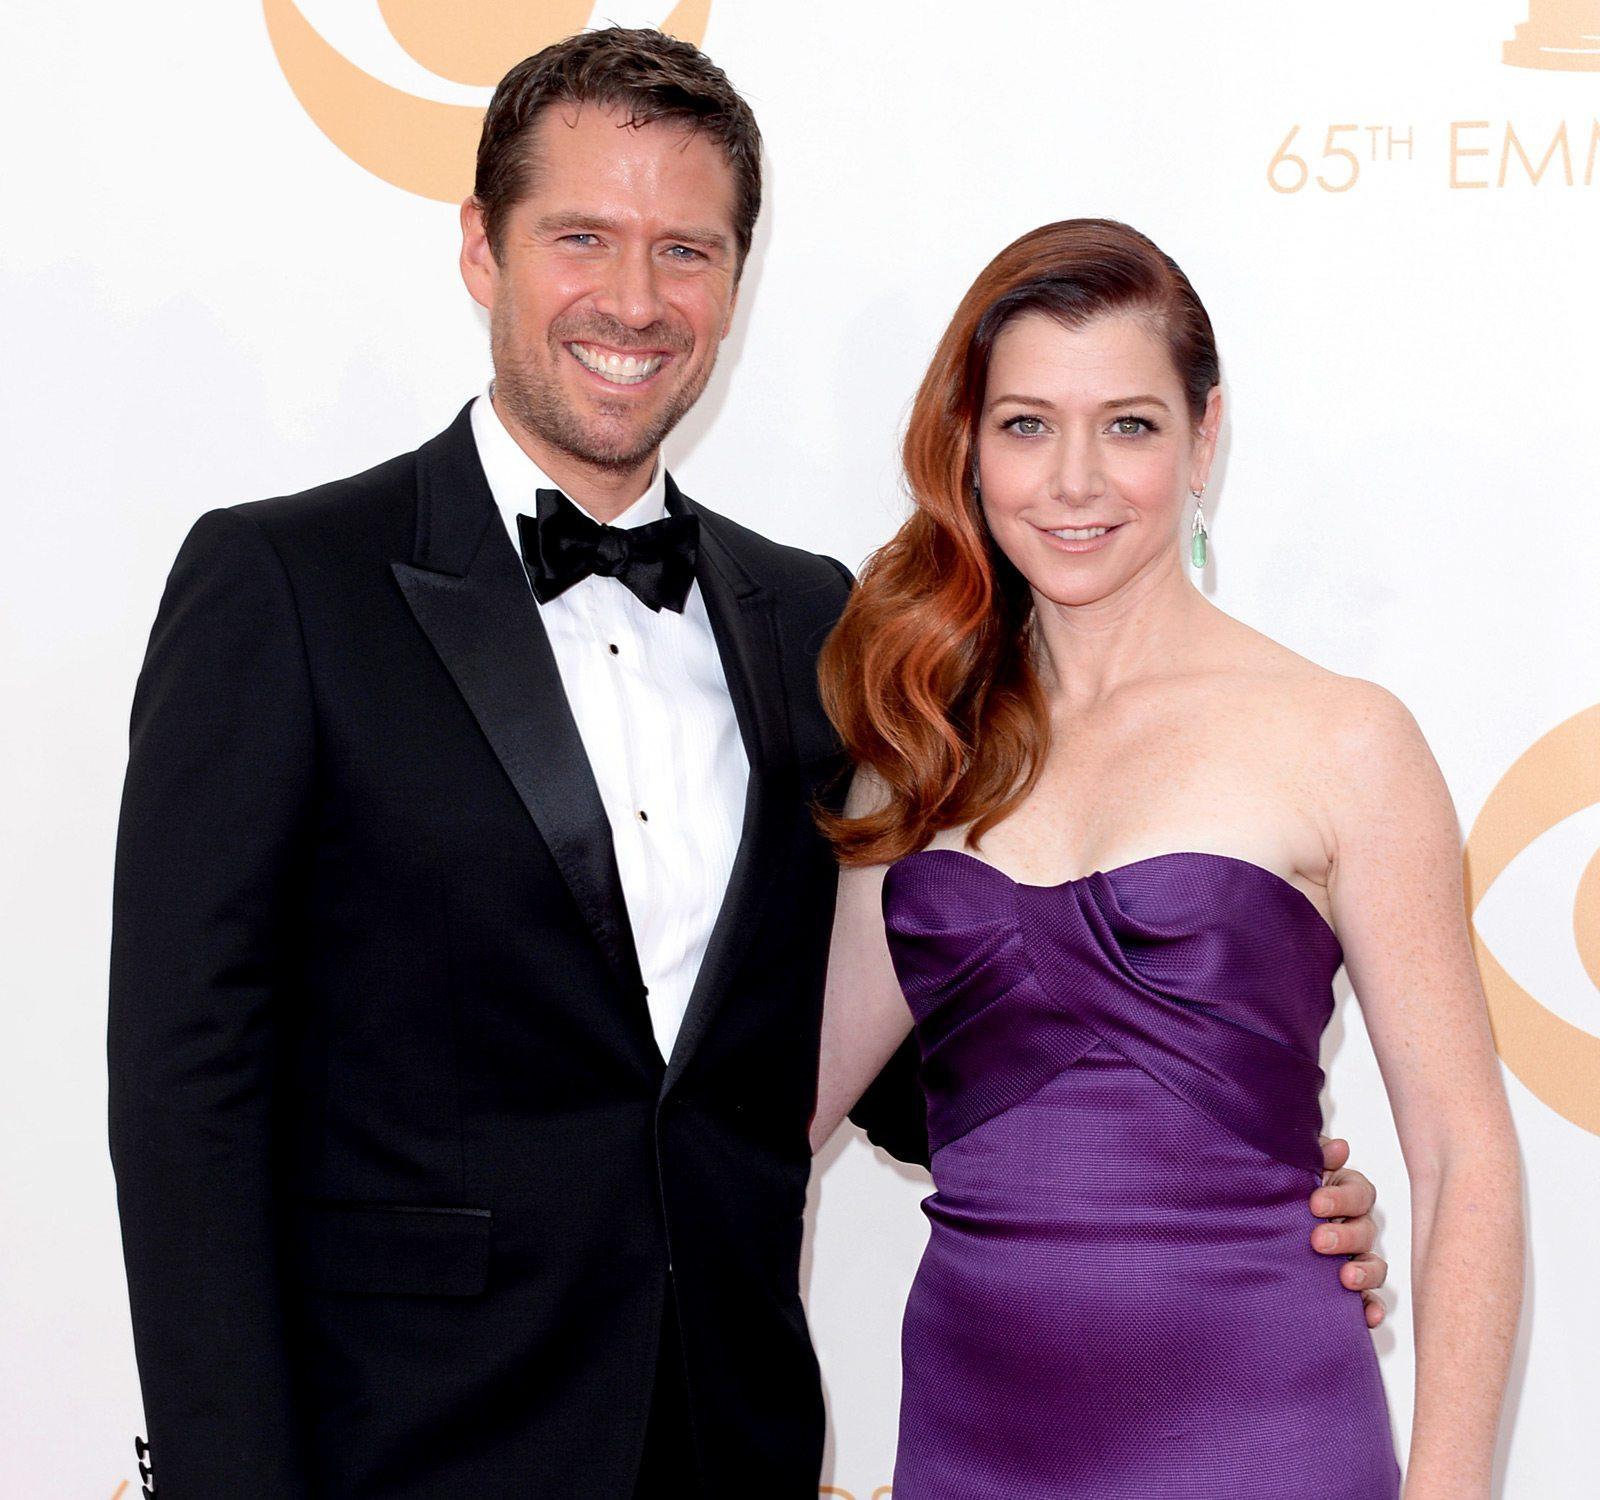 Alyson Hannigan, Husband Alexis Denisof Renew Wedding Vows